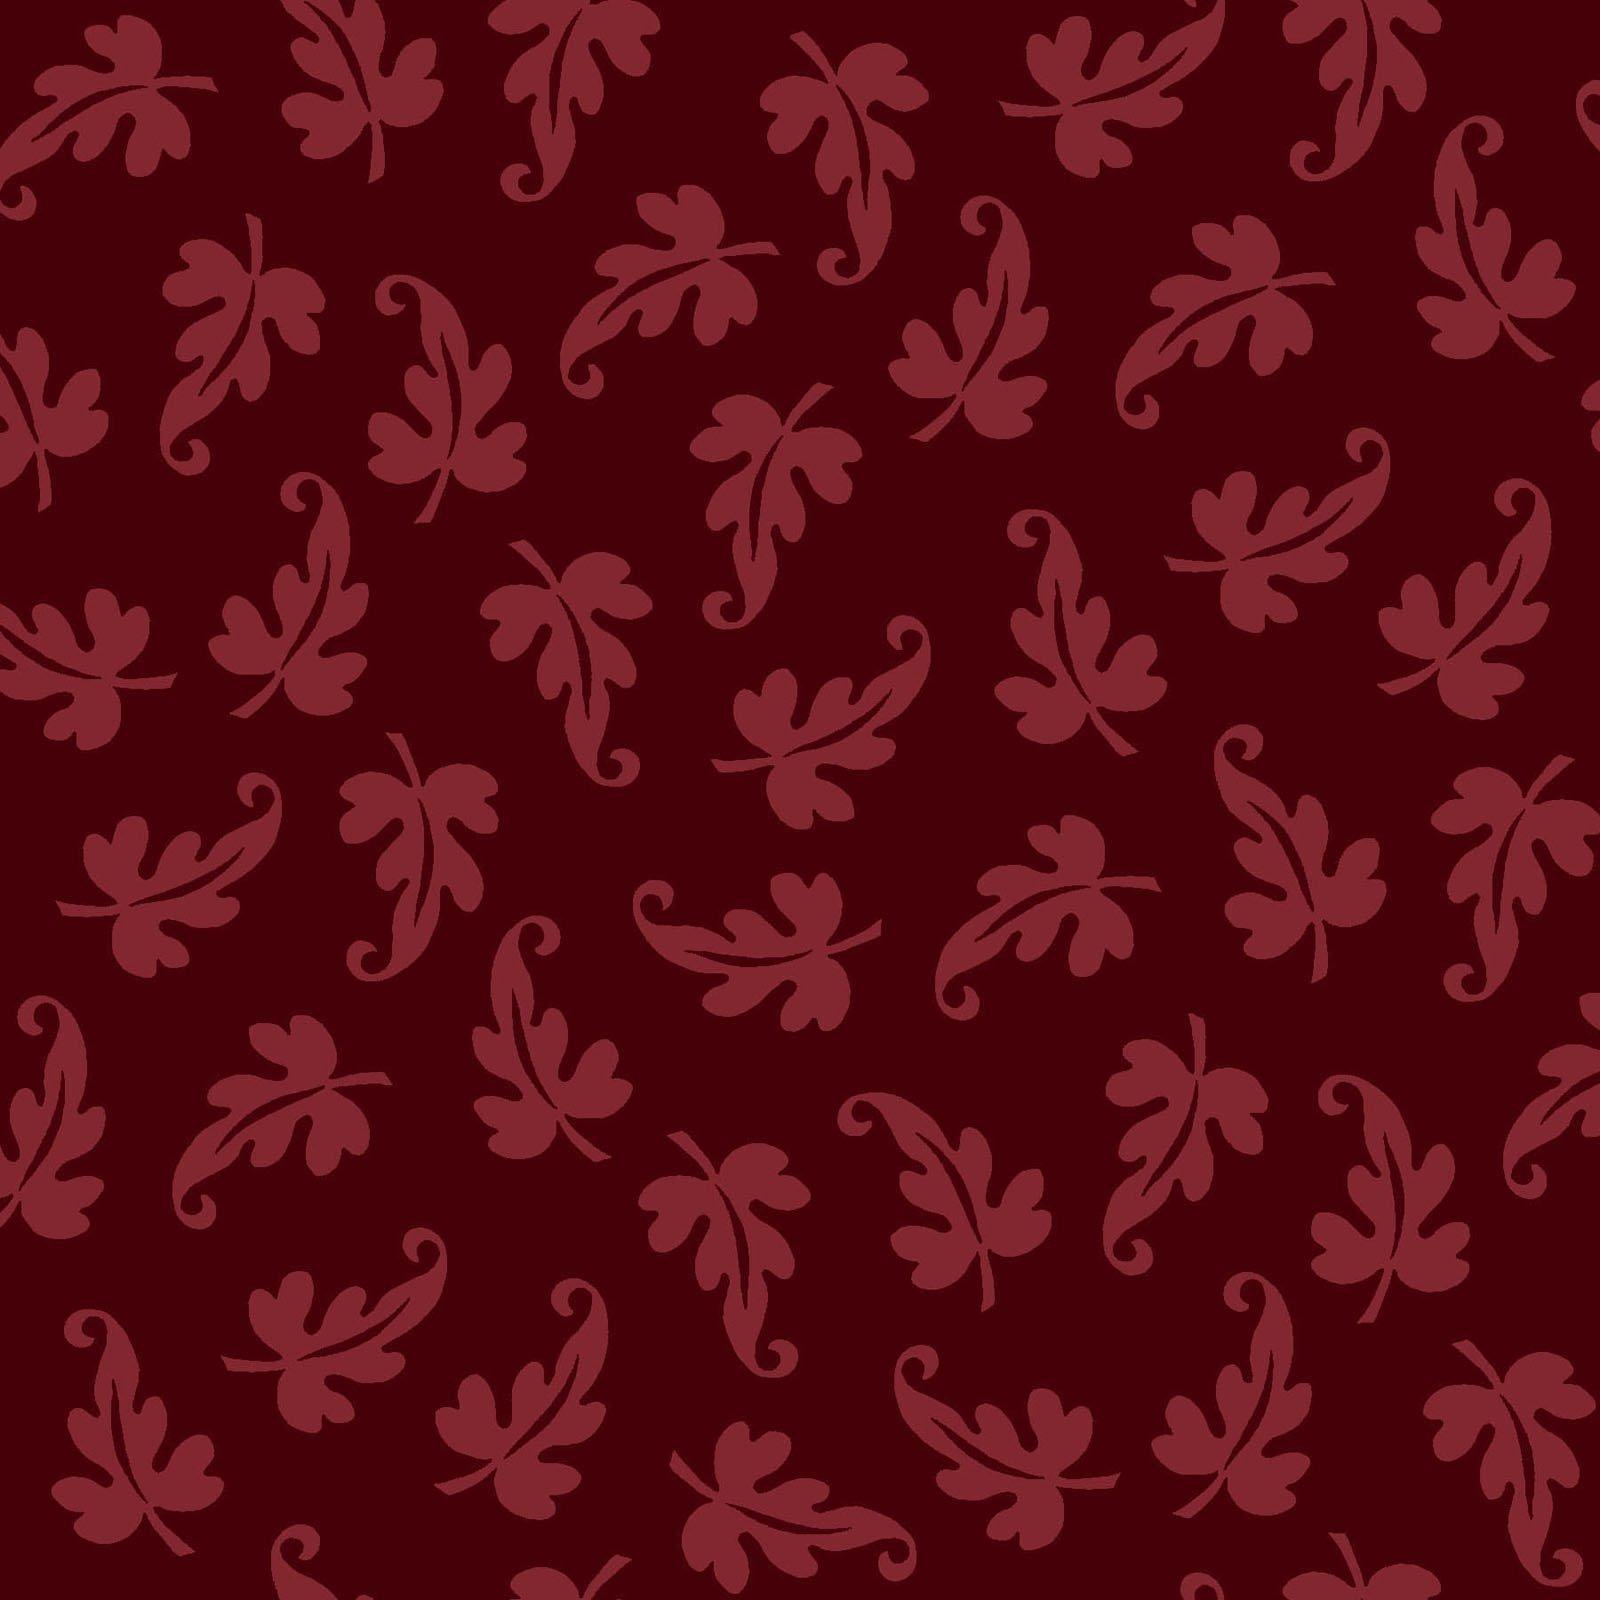 Ruby - Scroll Leaf - Red